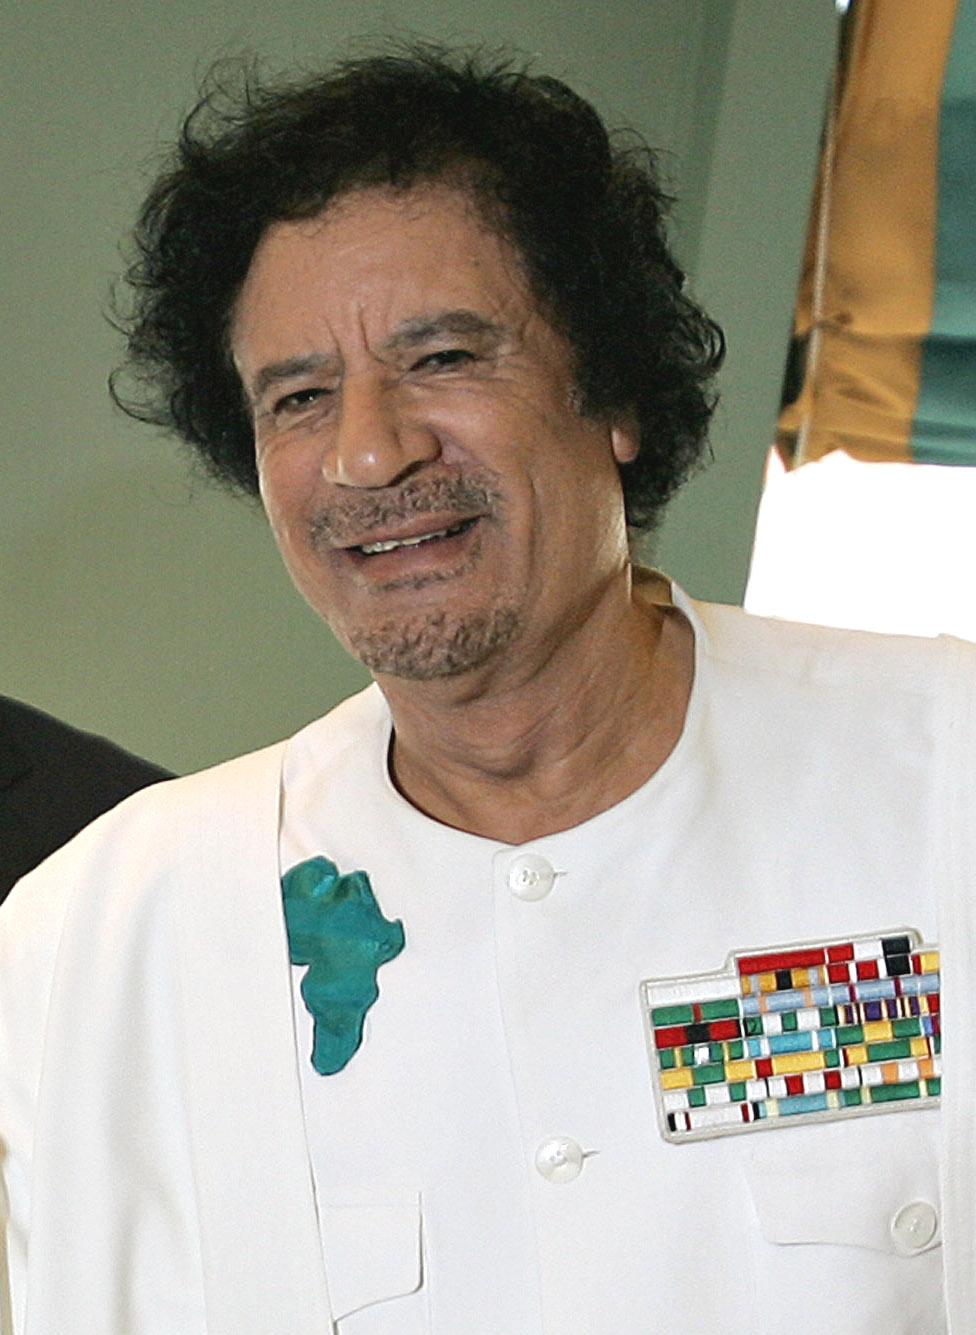 https://i1.wp.com/upload.wikimedia.org/wikipedia/commons/2/21/Muammar_al-Gaddafi-30112006.jpg